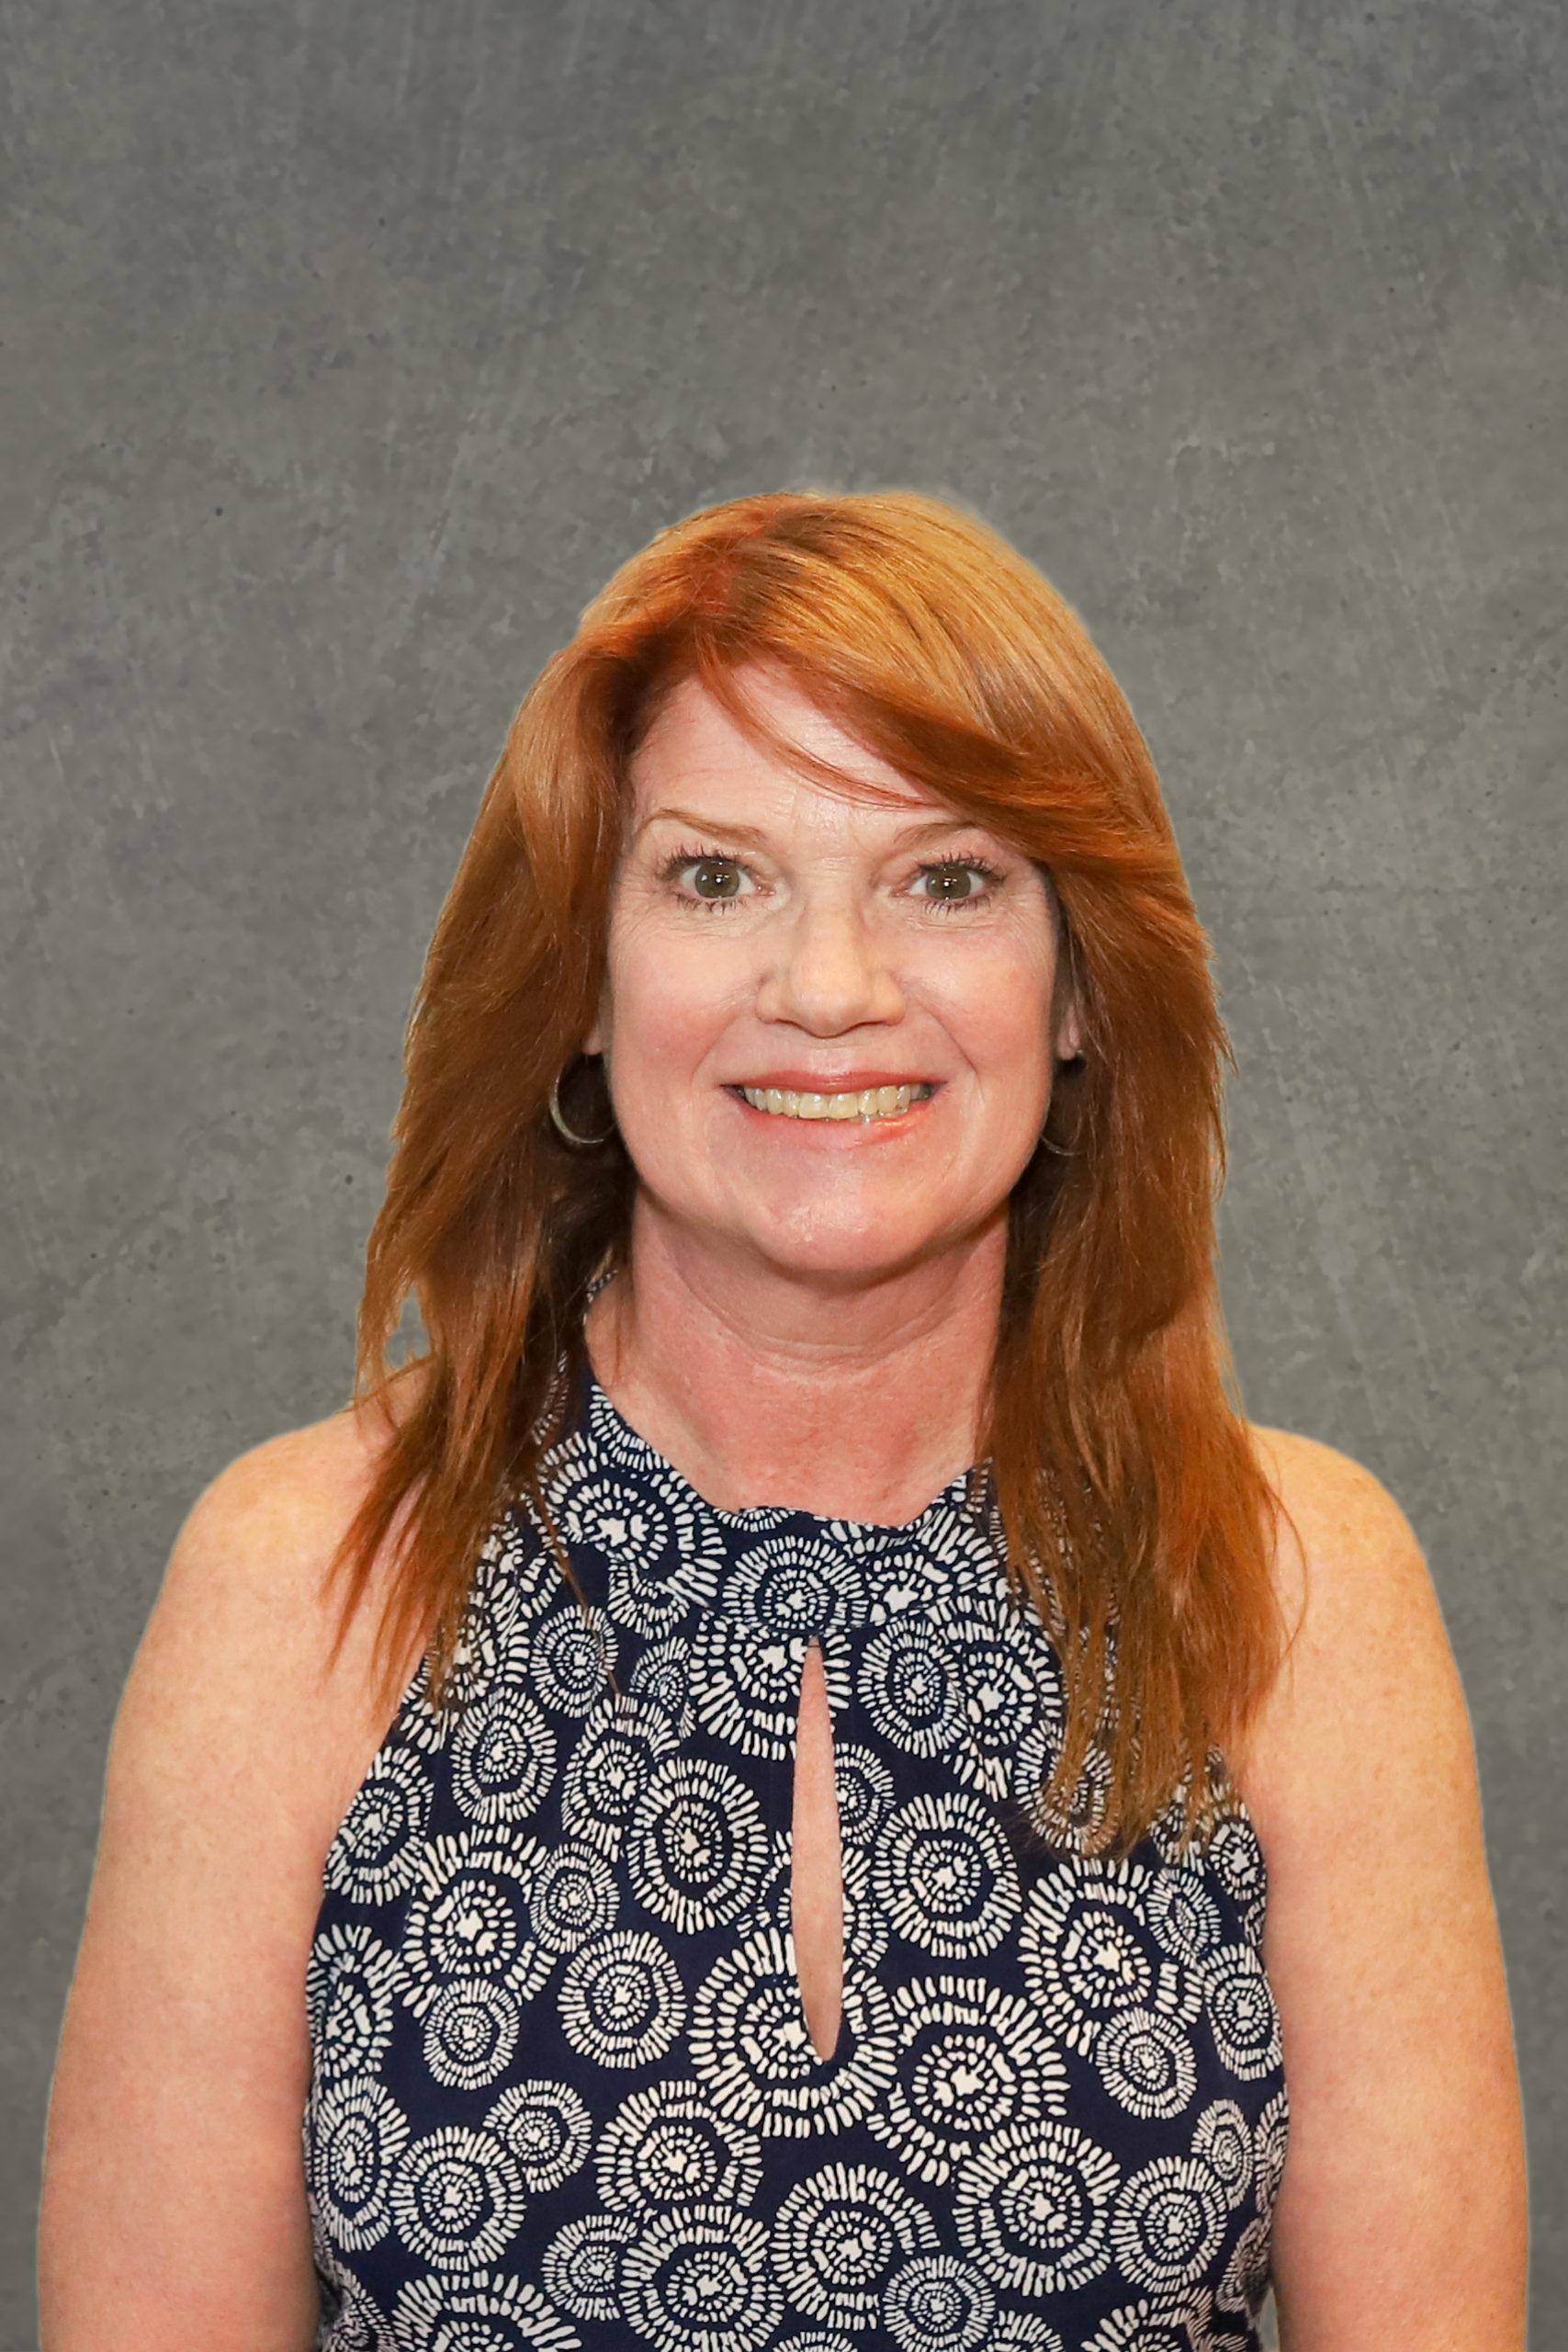 Christine Halloran